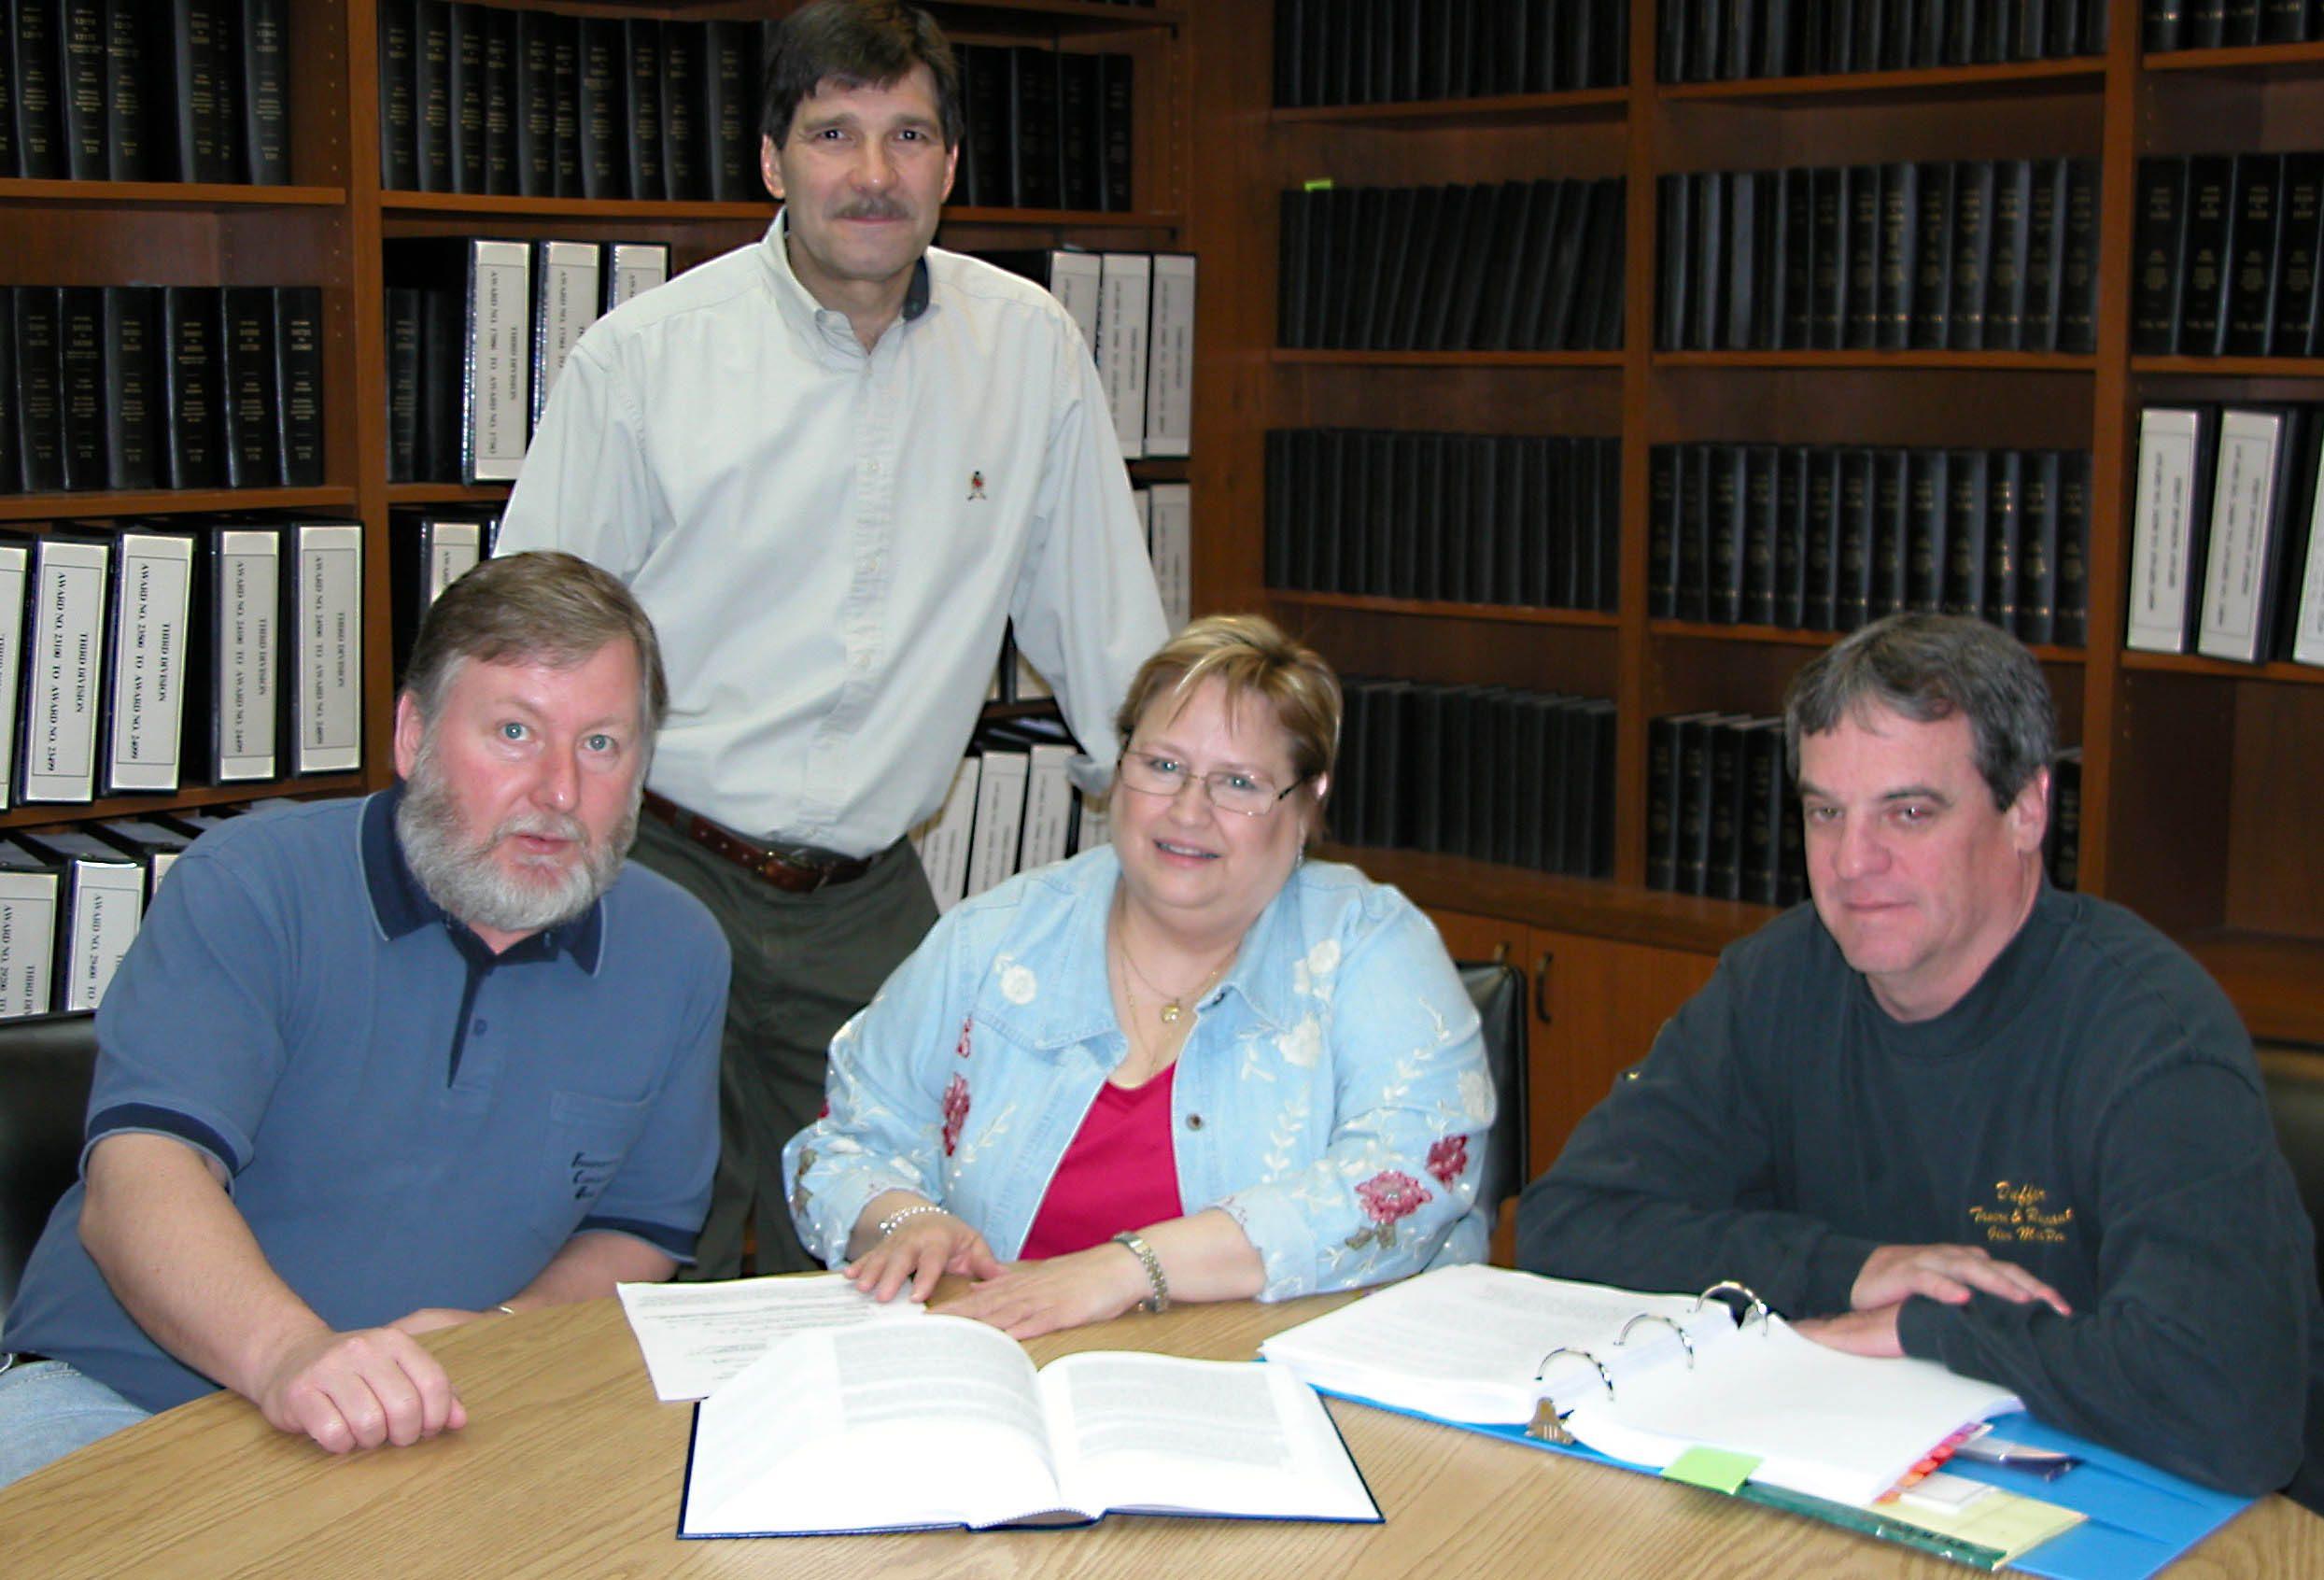 briefwriters-for-web-3-07.jpg